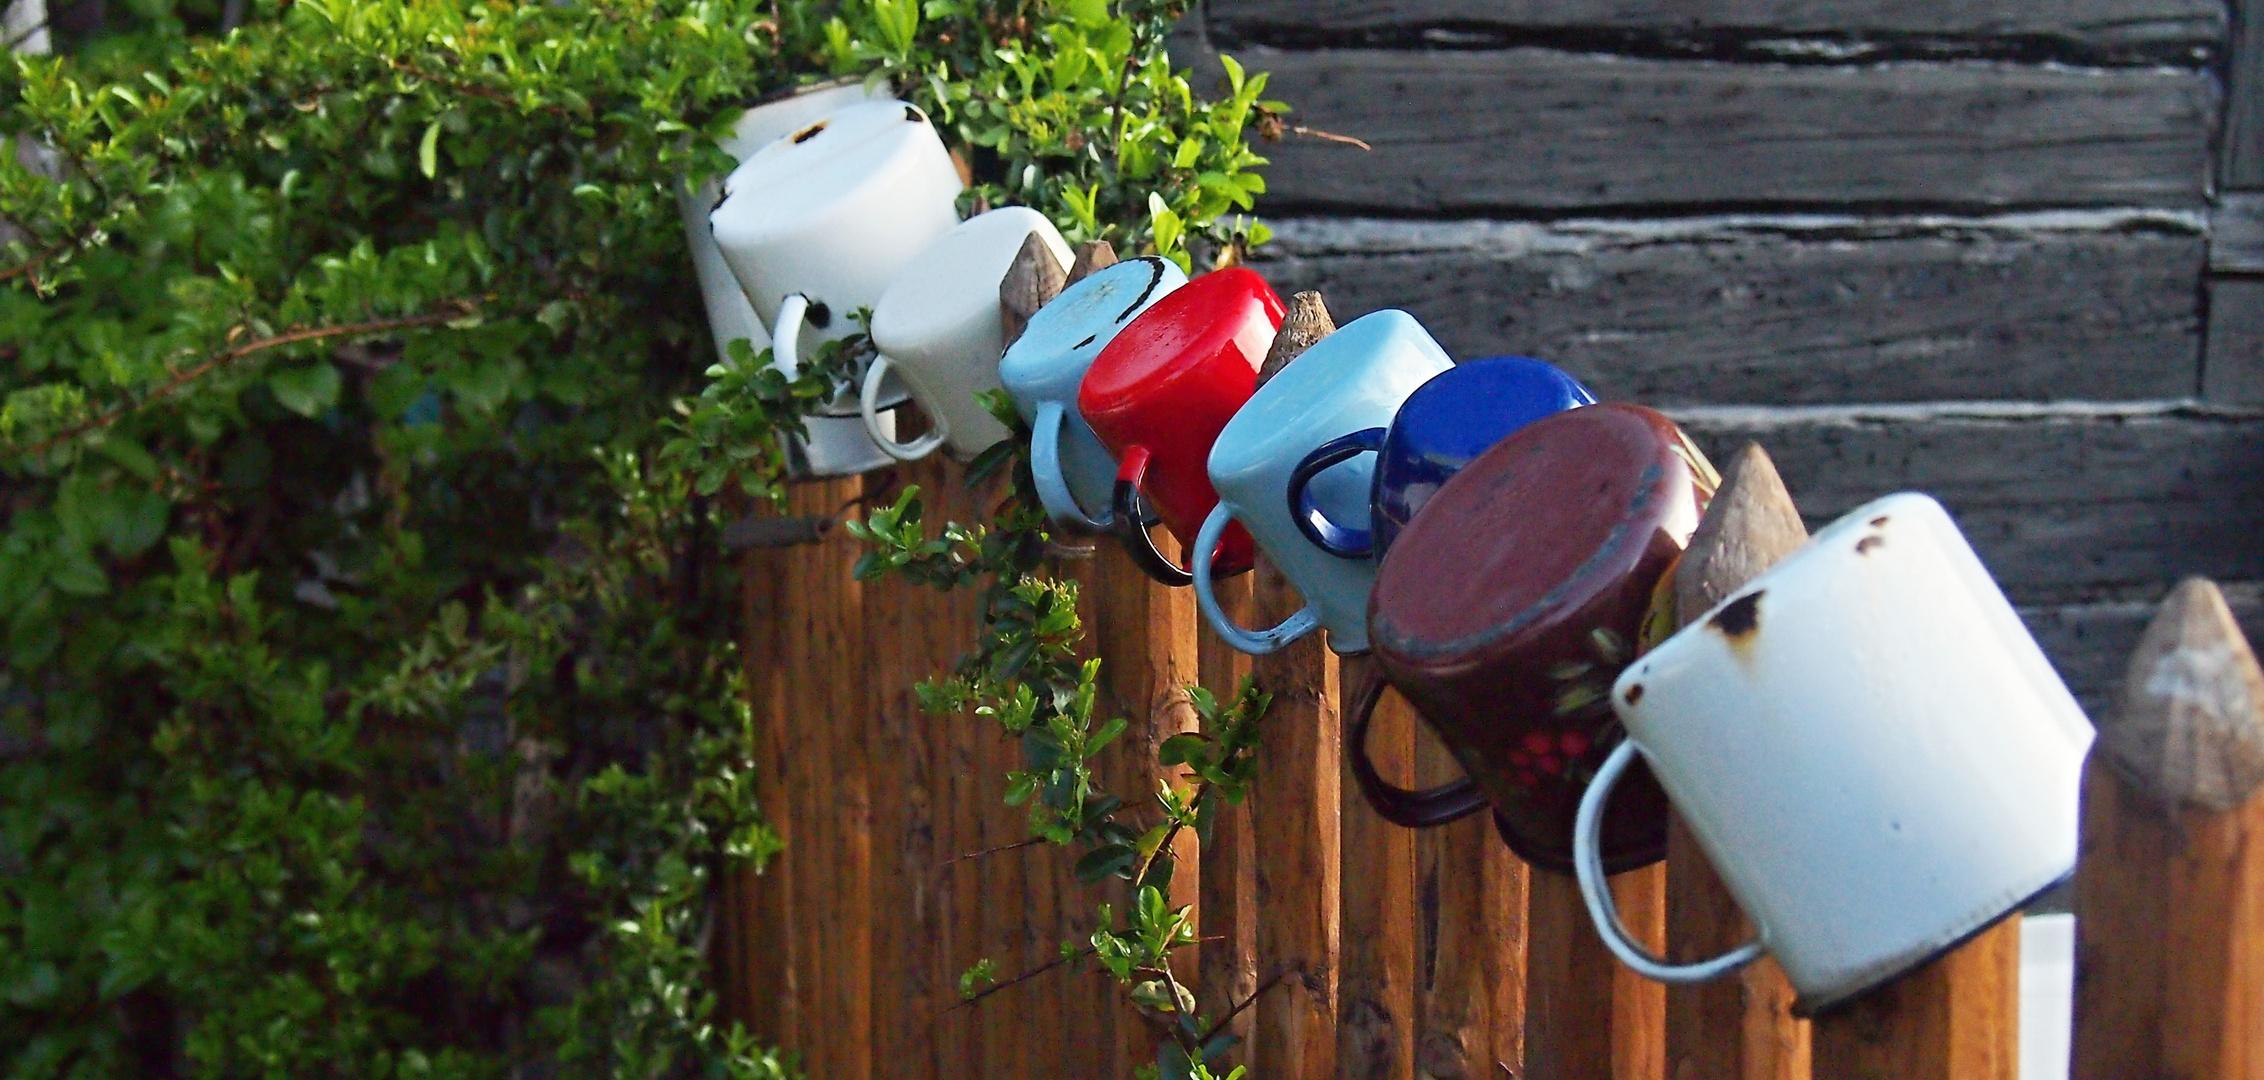 Tassen auf dem Zaun